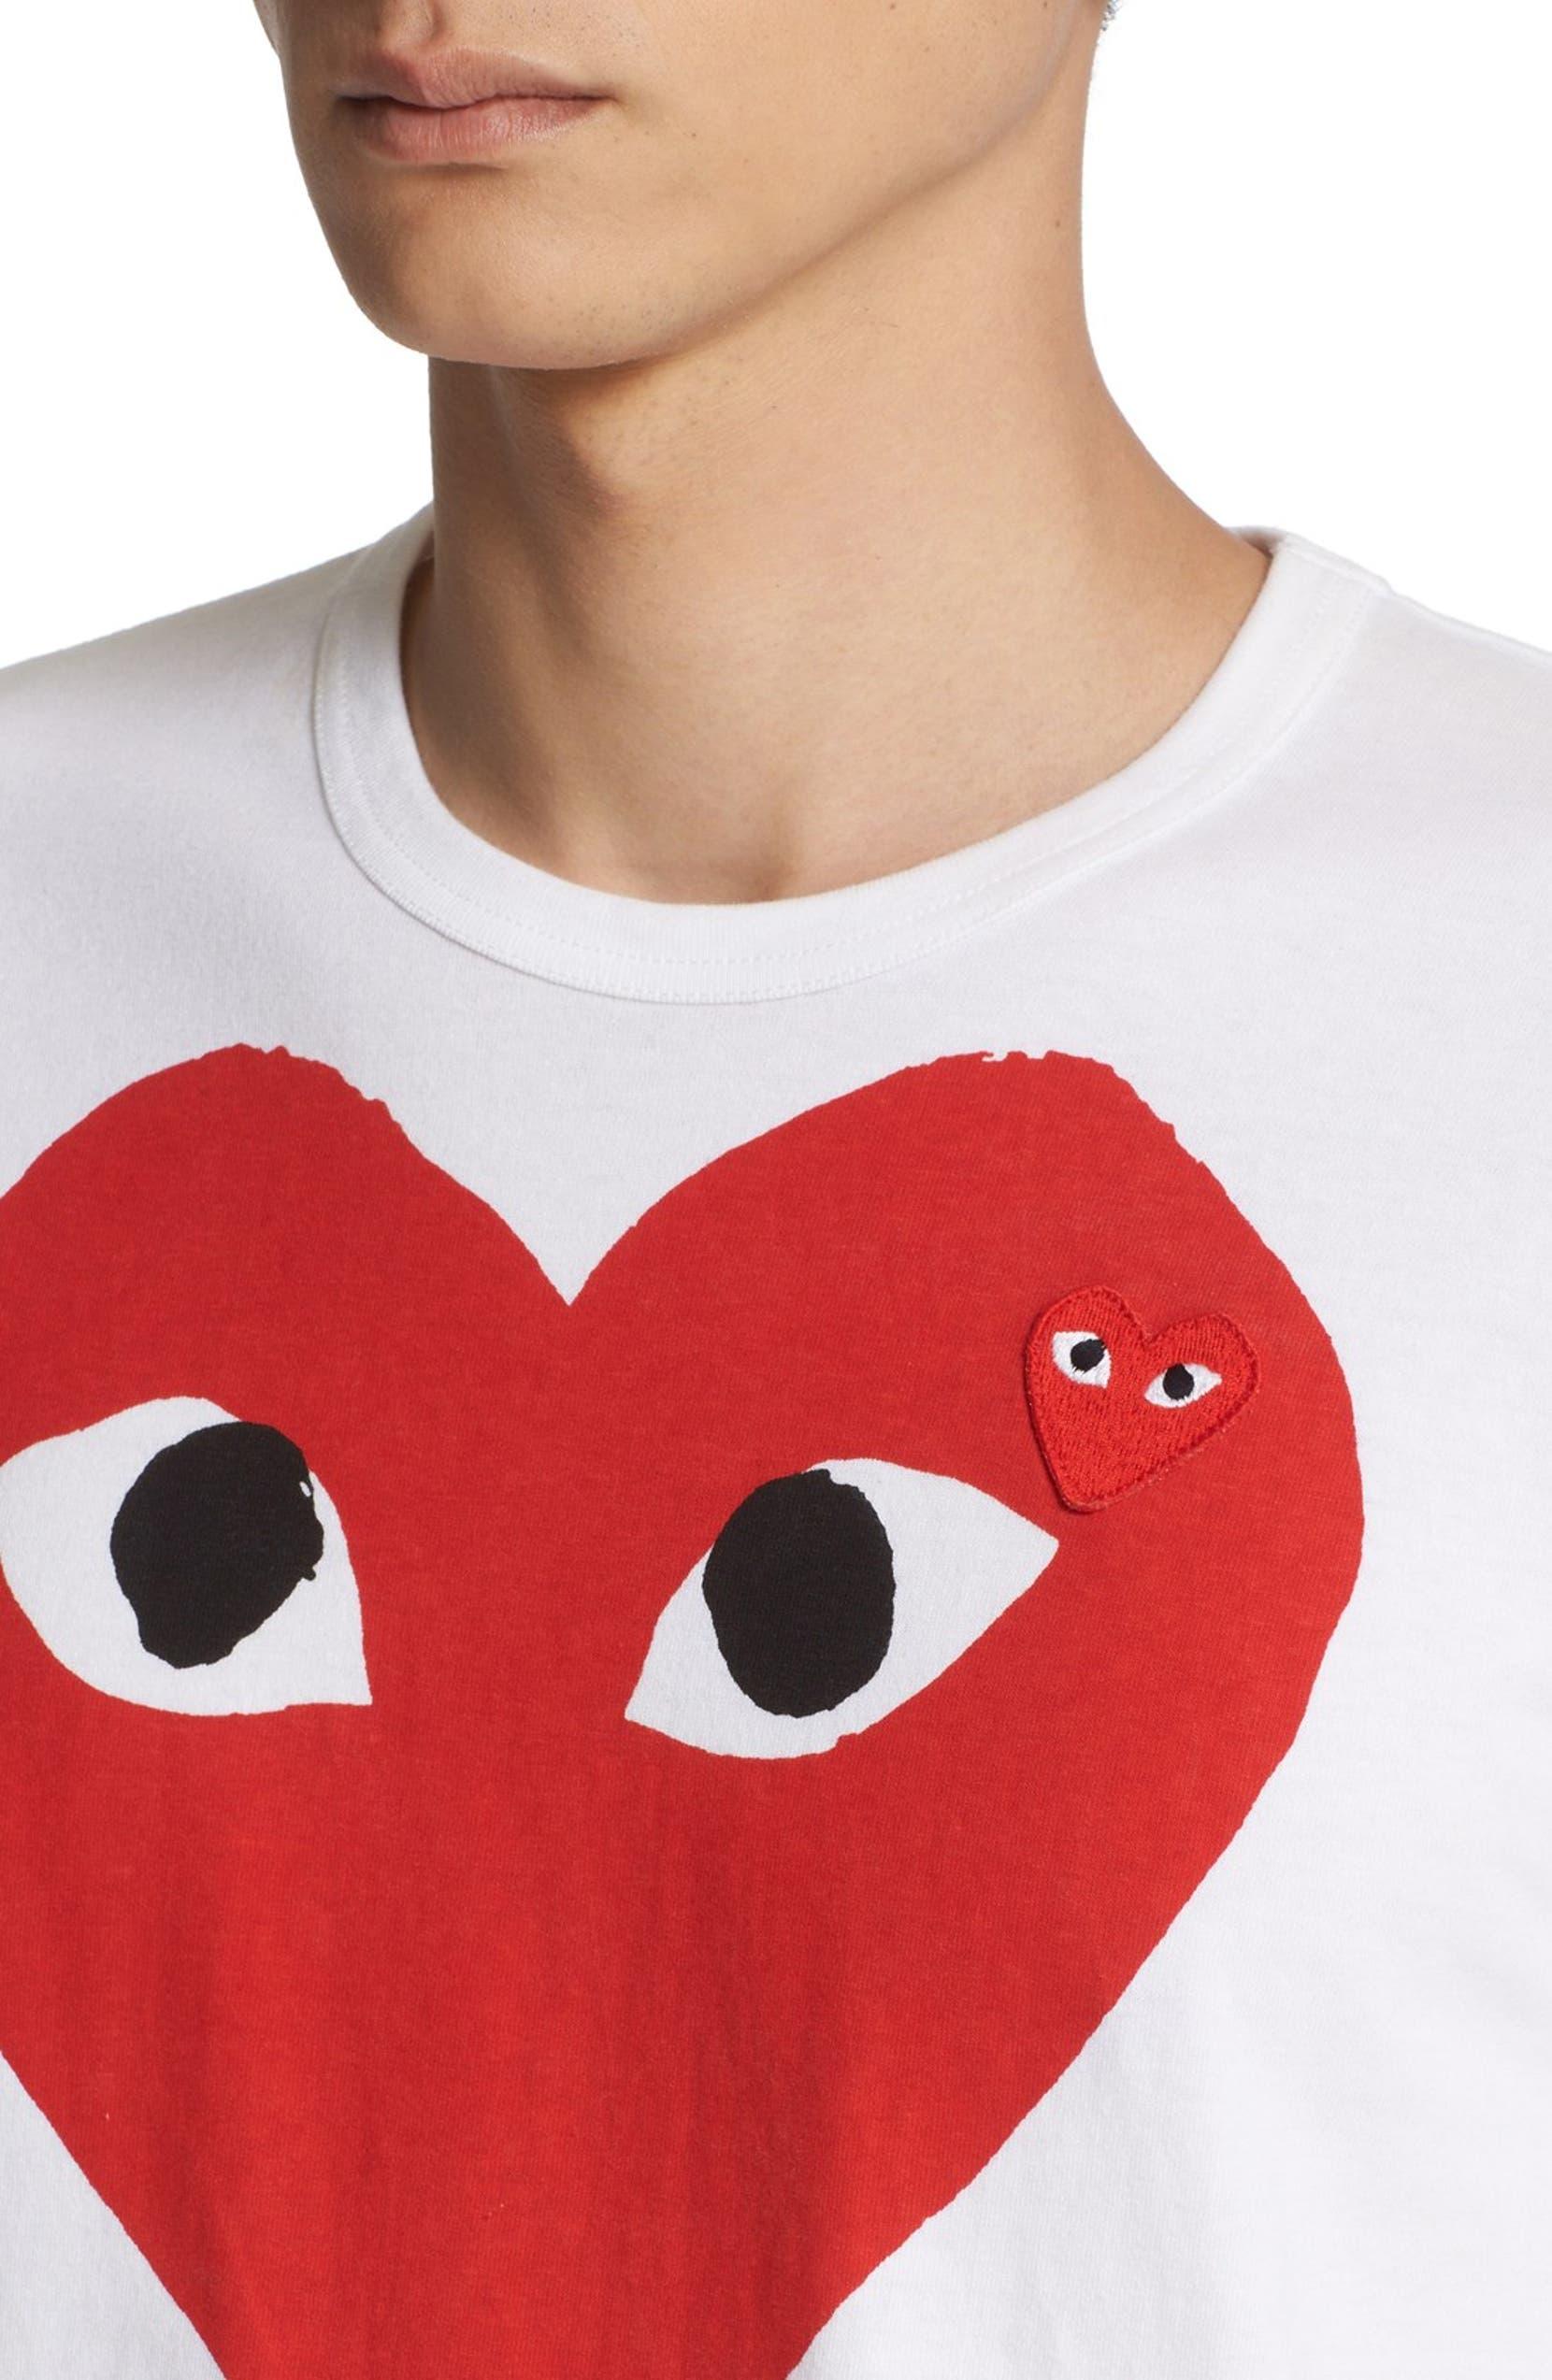 9c9d2a20b3 Comme des Garçons PLAY Heart Face Slim Fit Graphic T-Shirt | Nordstrom